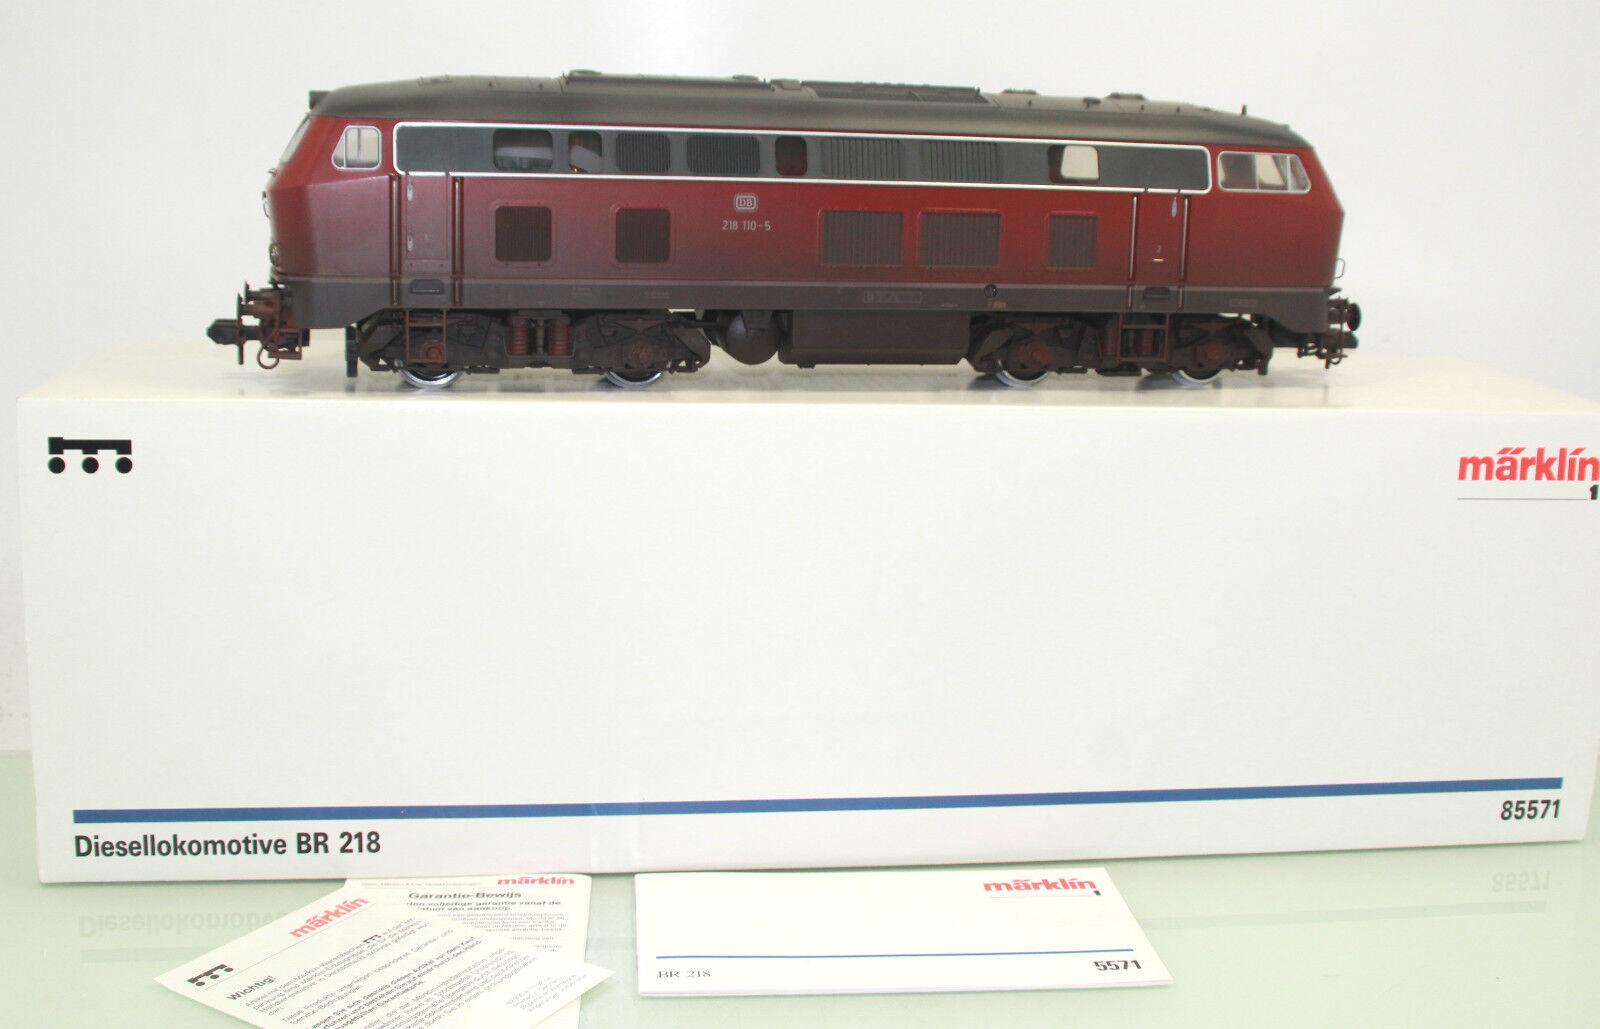 Märklin pista 1 85571 diesellok br 218 110-5 de la DB patinado en digital + embalaje original (ef83)